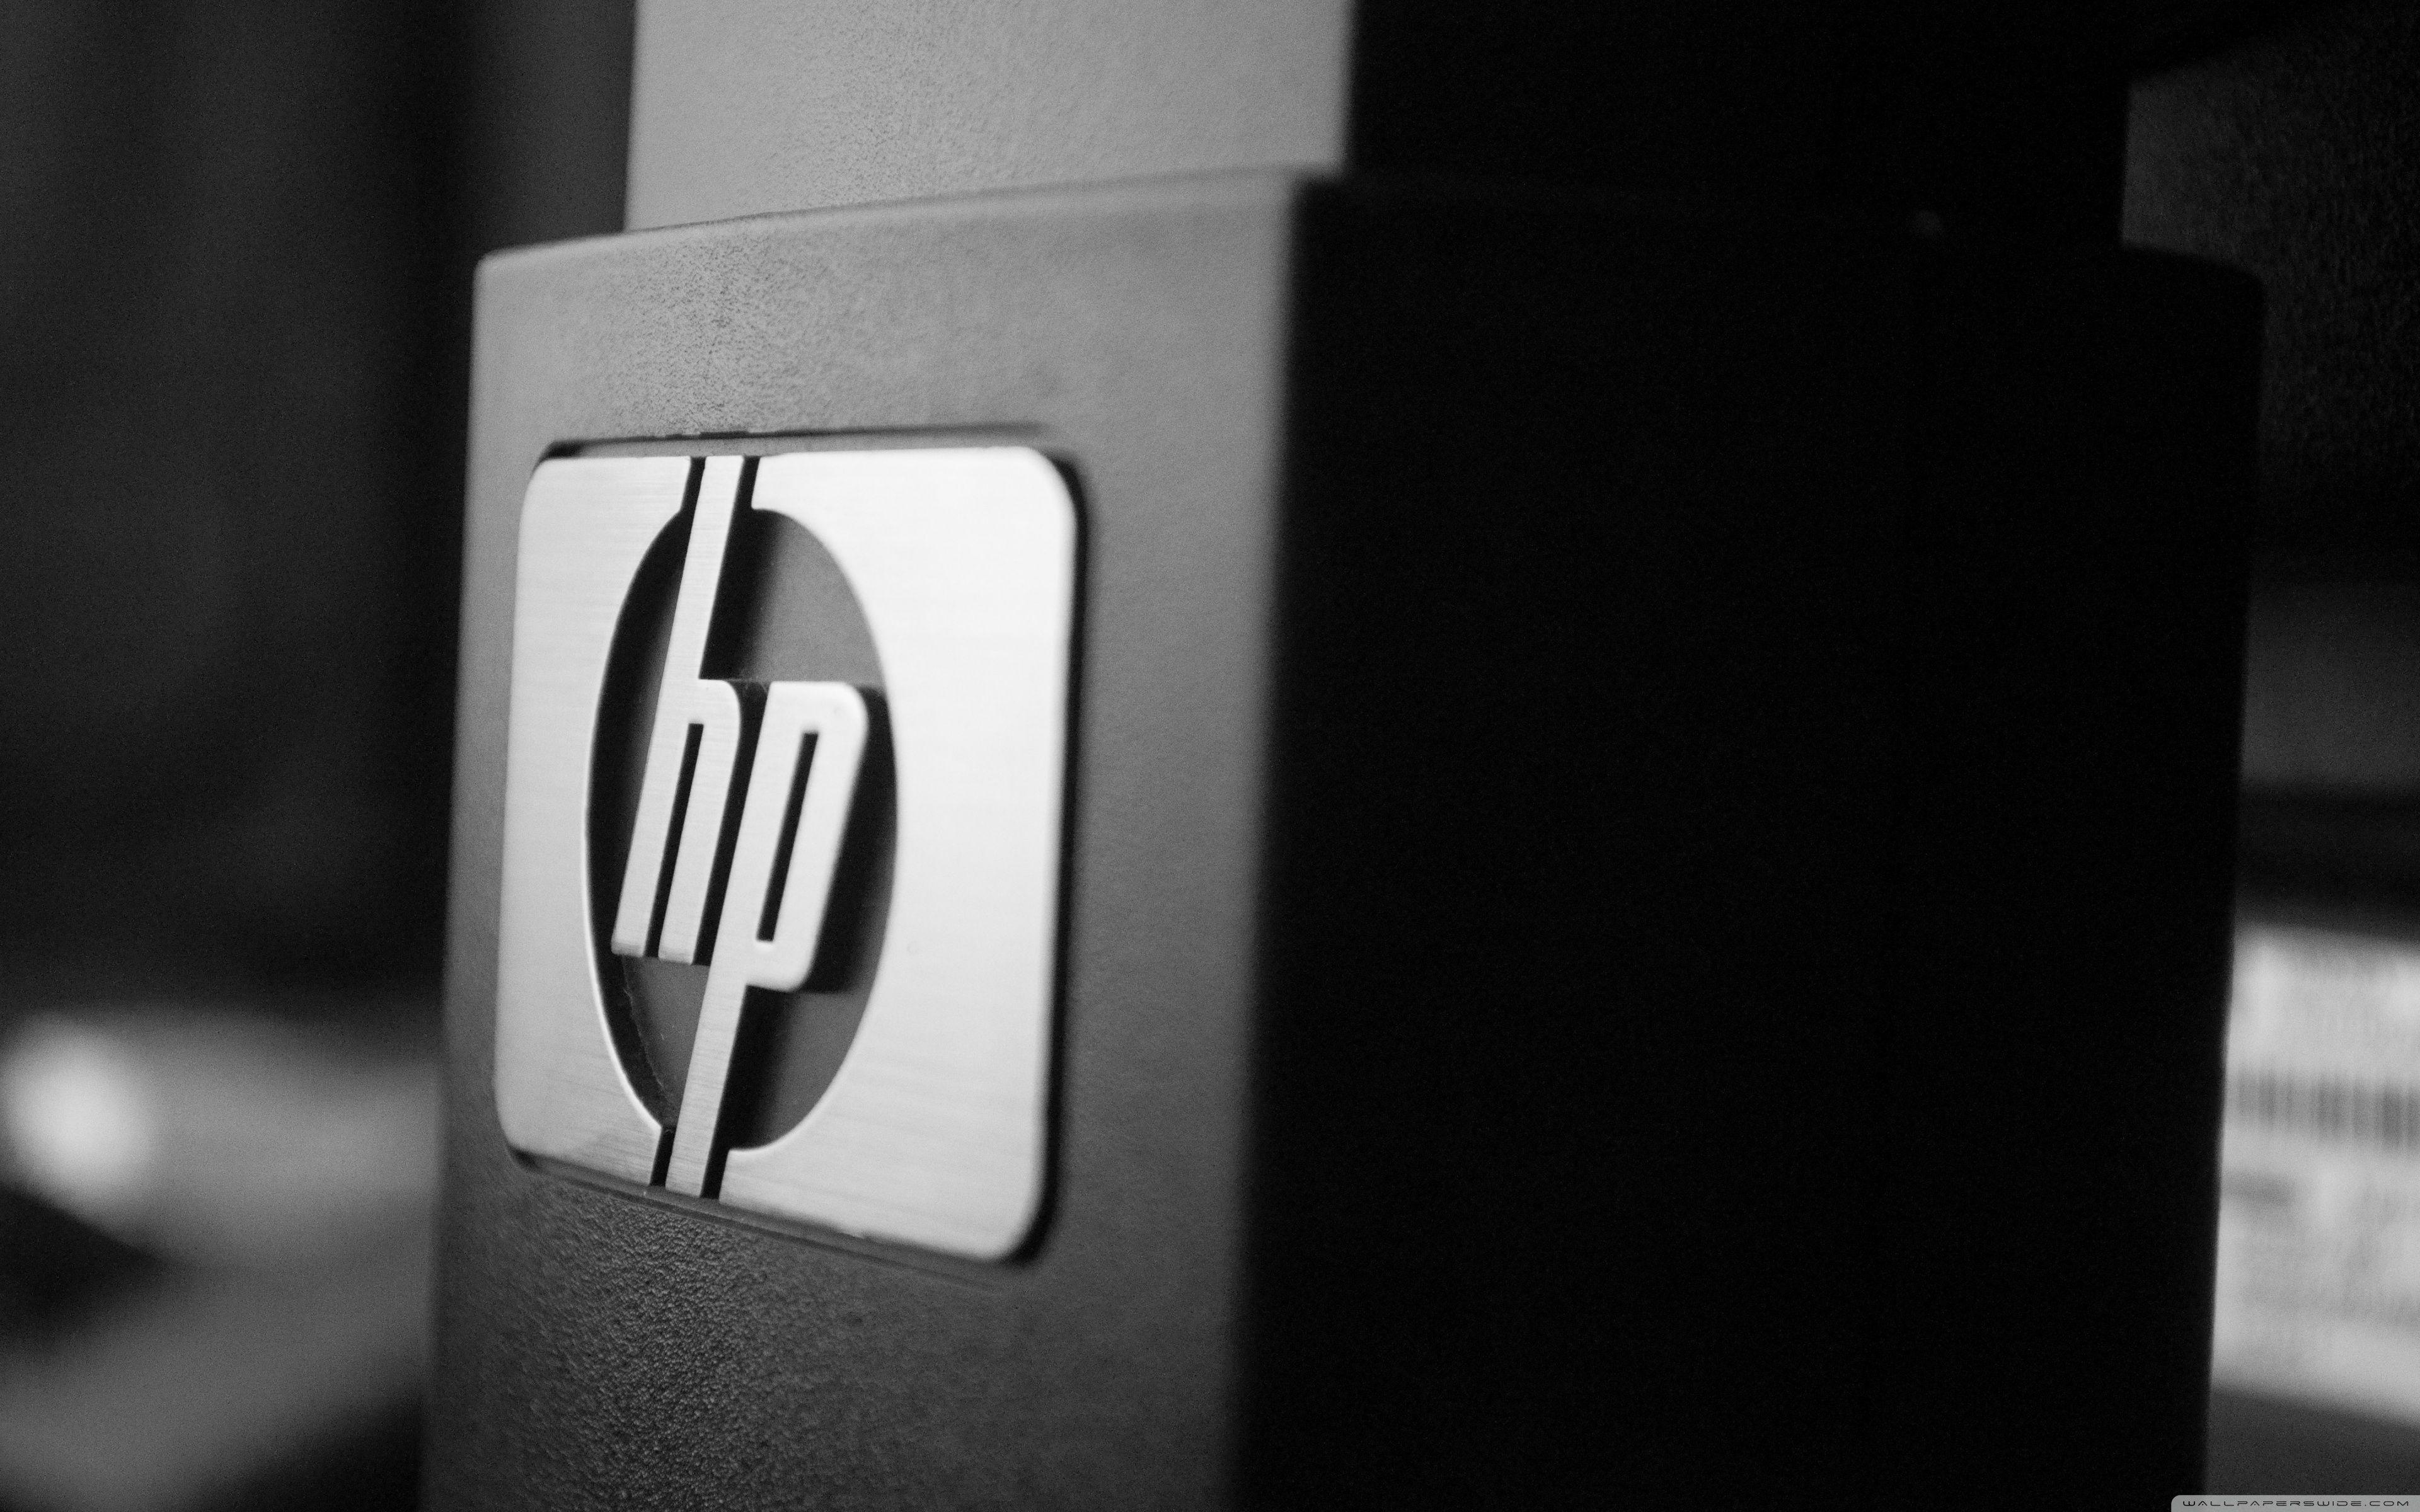 Hp ❤ 4k Hd Desktop Wallpaper For 4k Ultra Hd Tv • Wide - Ultra Hd Wallpaper Hp - HD Wallpaper